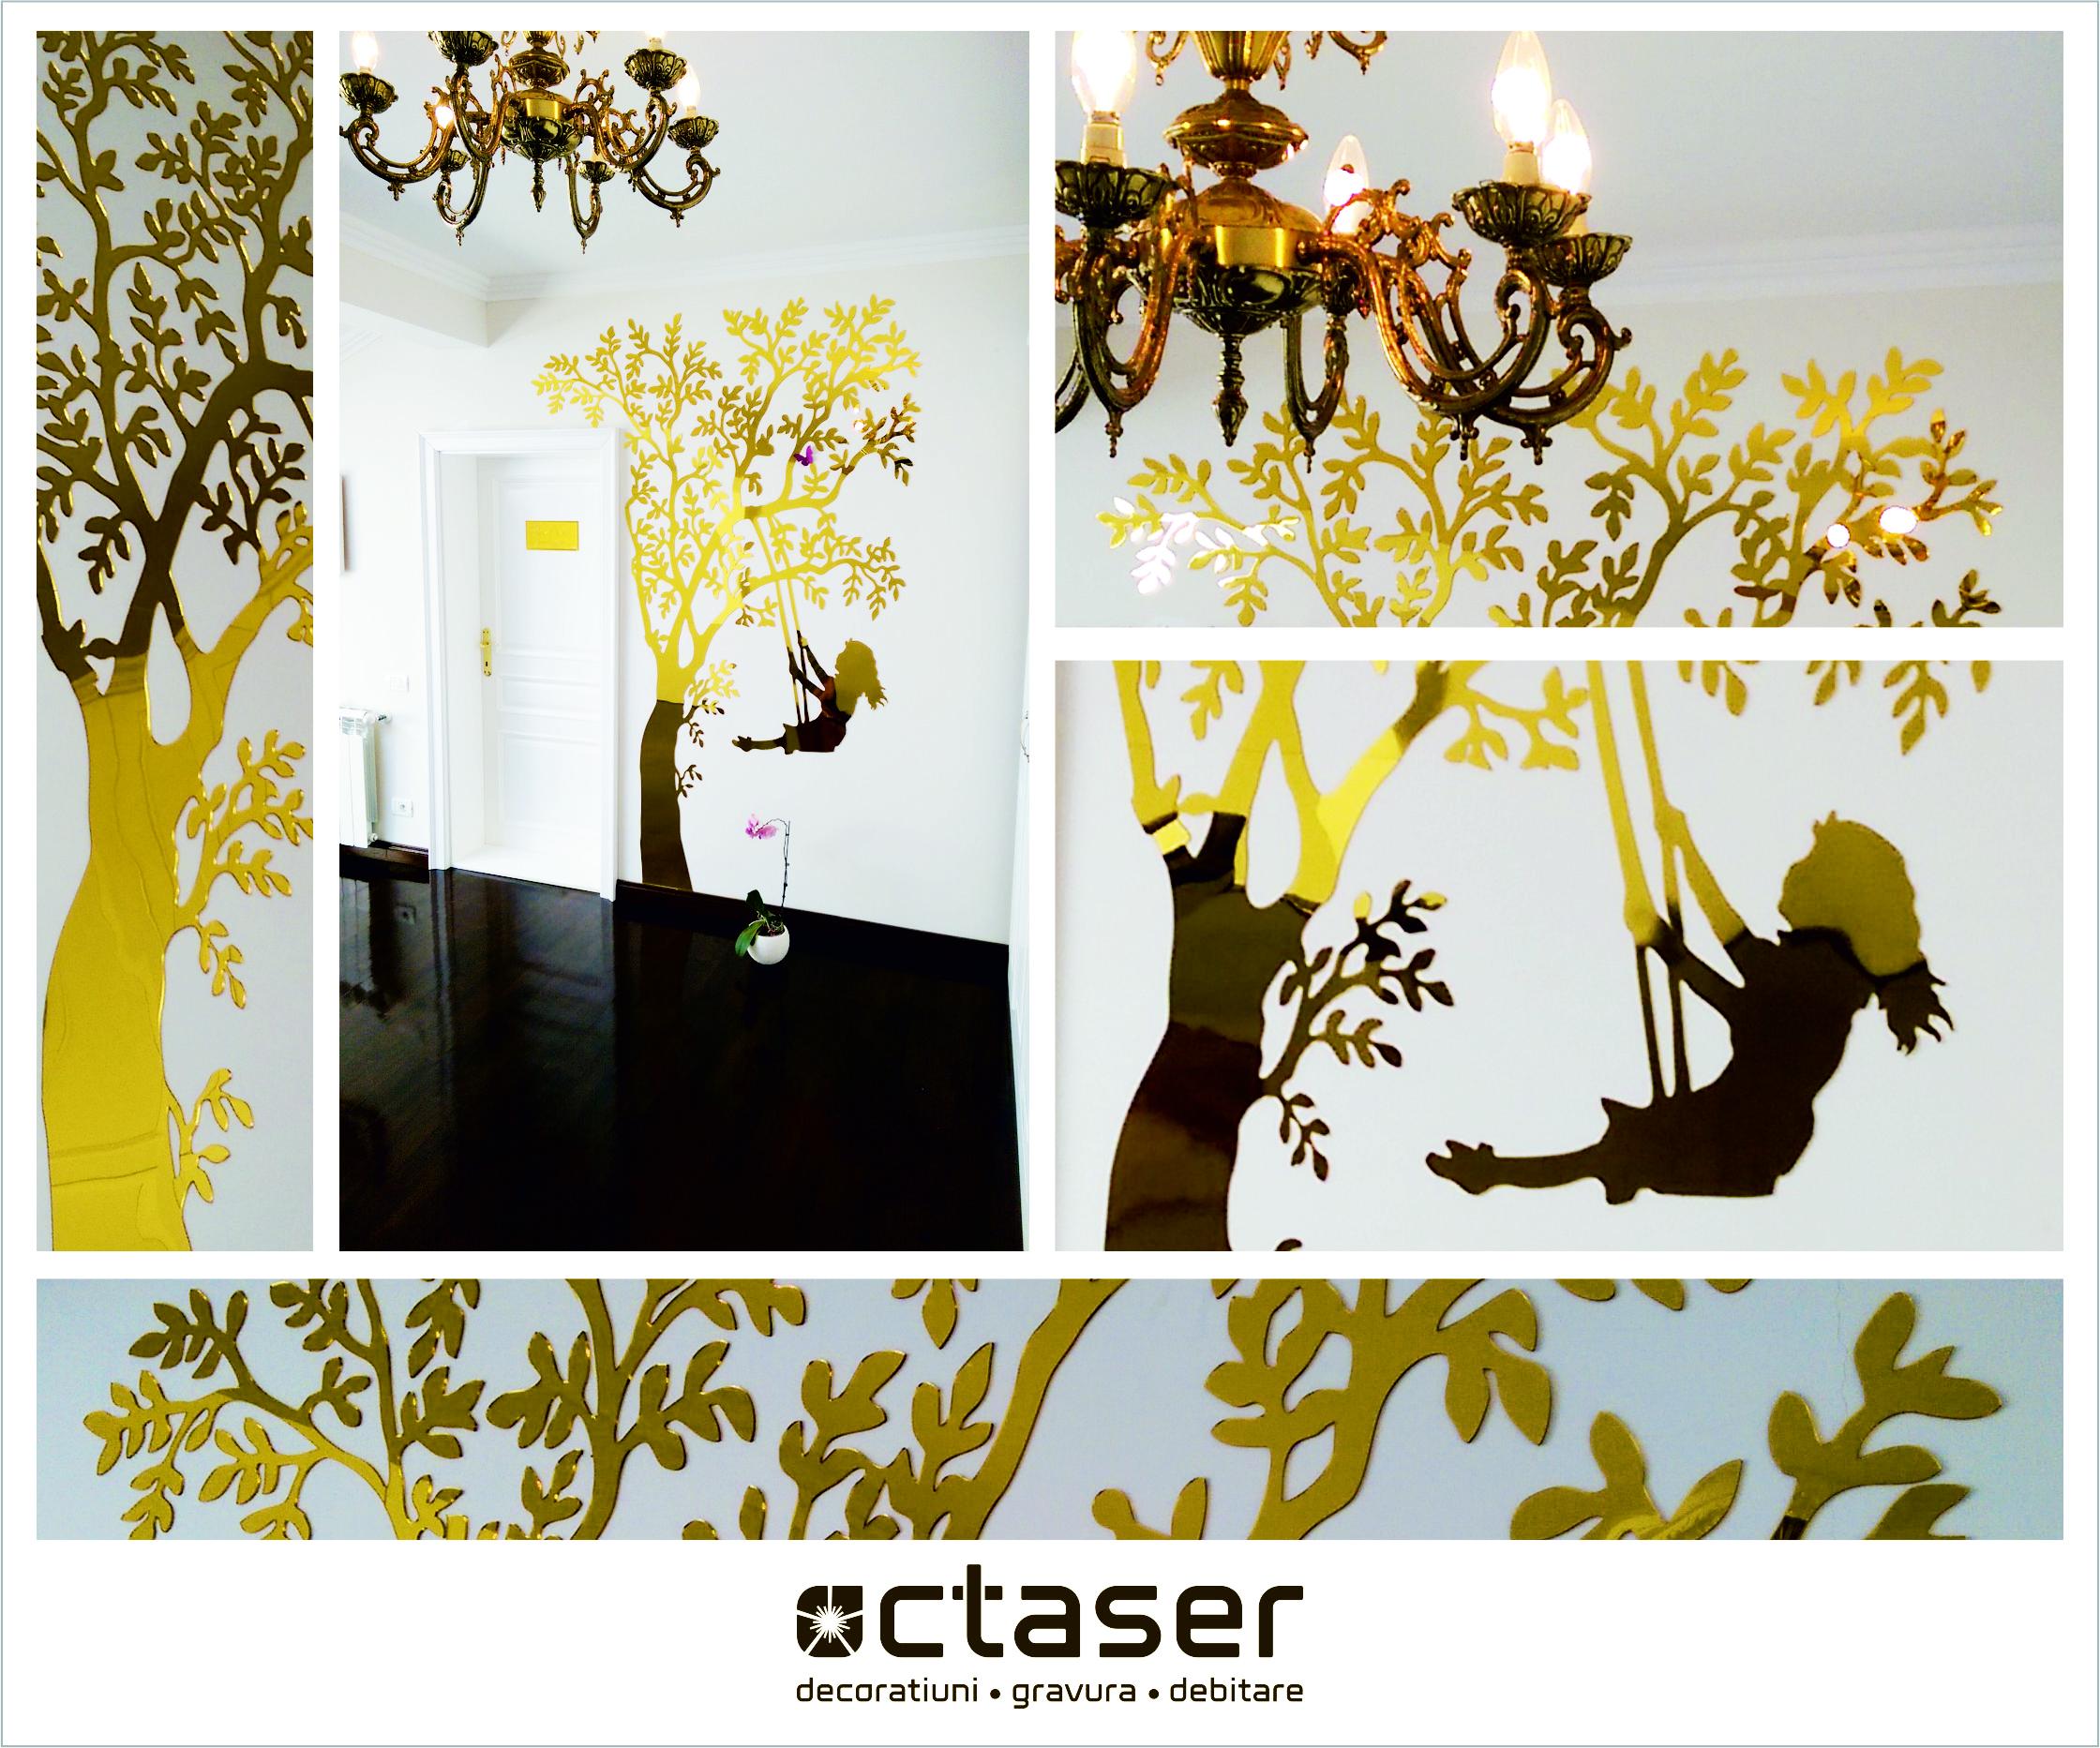 decor camera copil debitare laser firma octaser oradea decor camera copil Decor camera copil realizat din perspex gold decor camera copil debitare laser firma octaser oradea